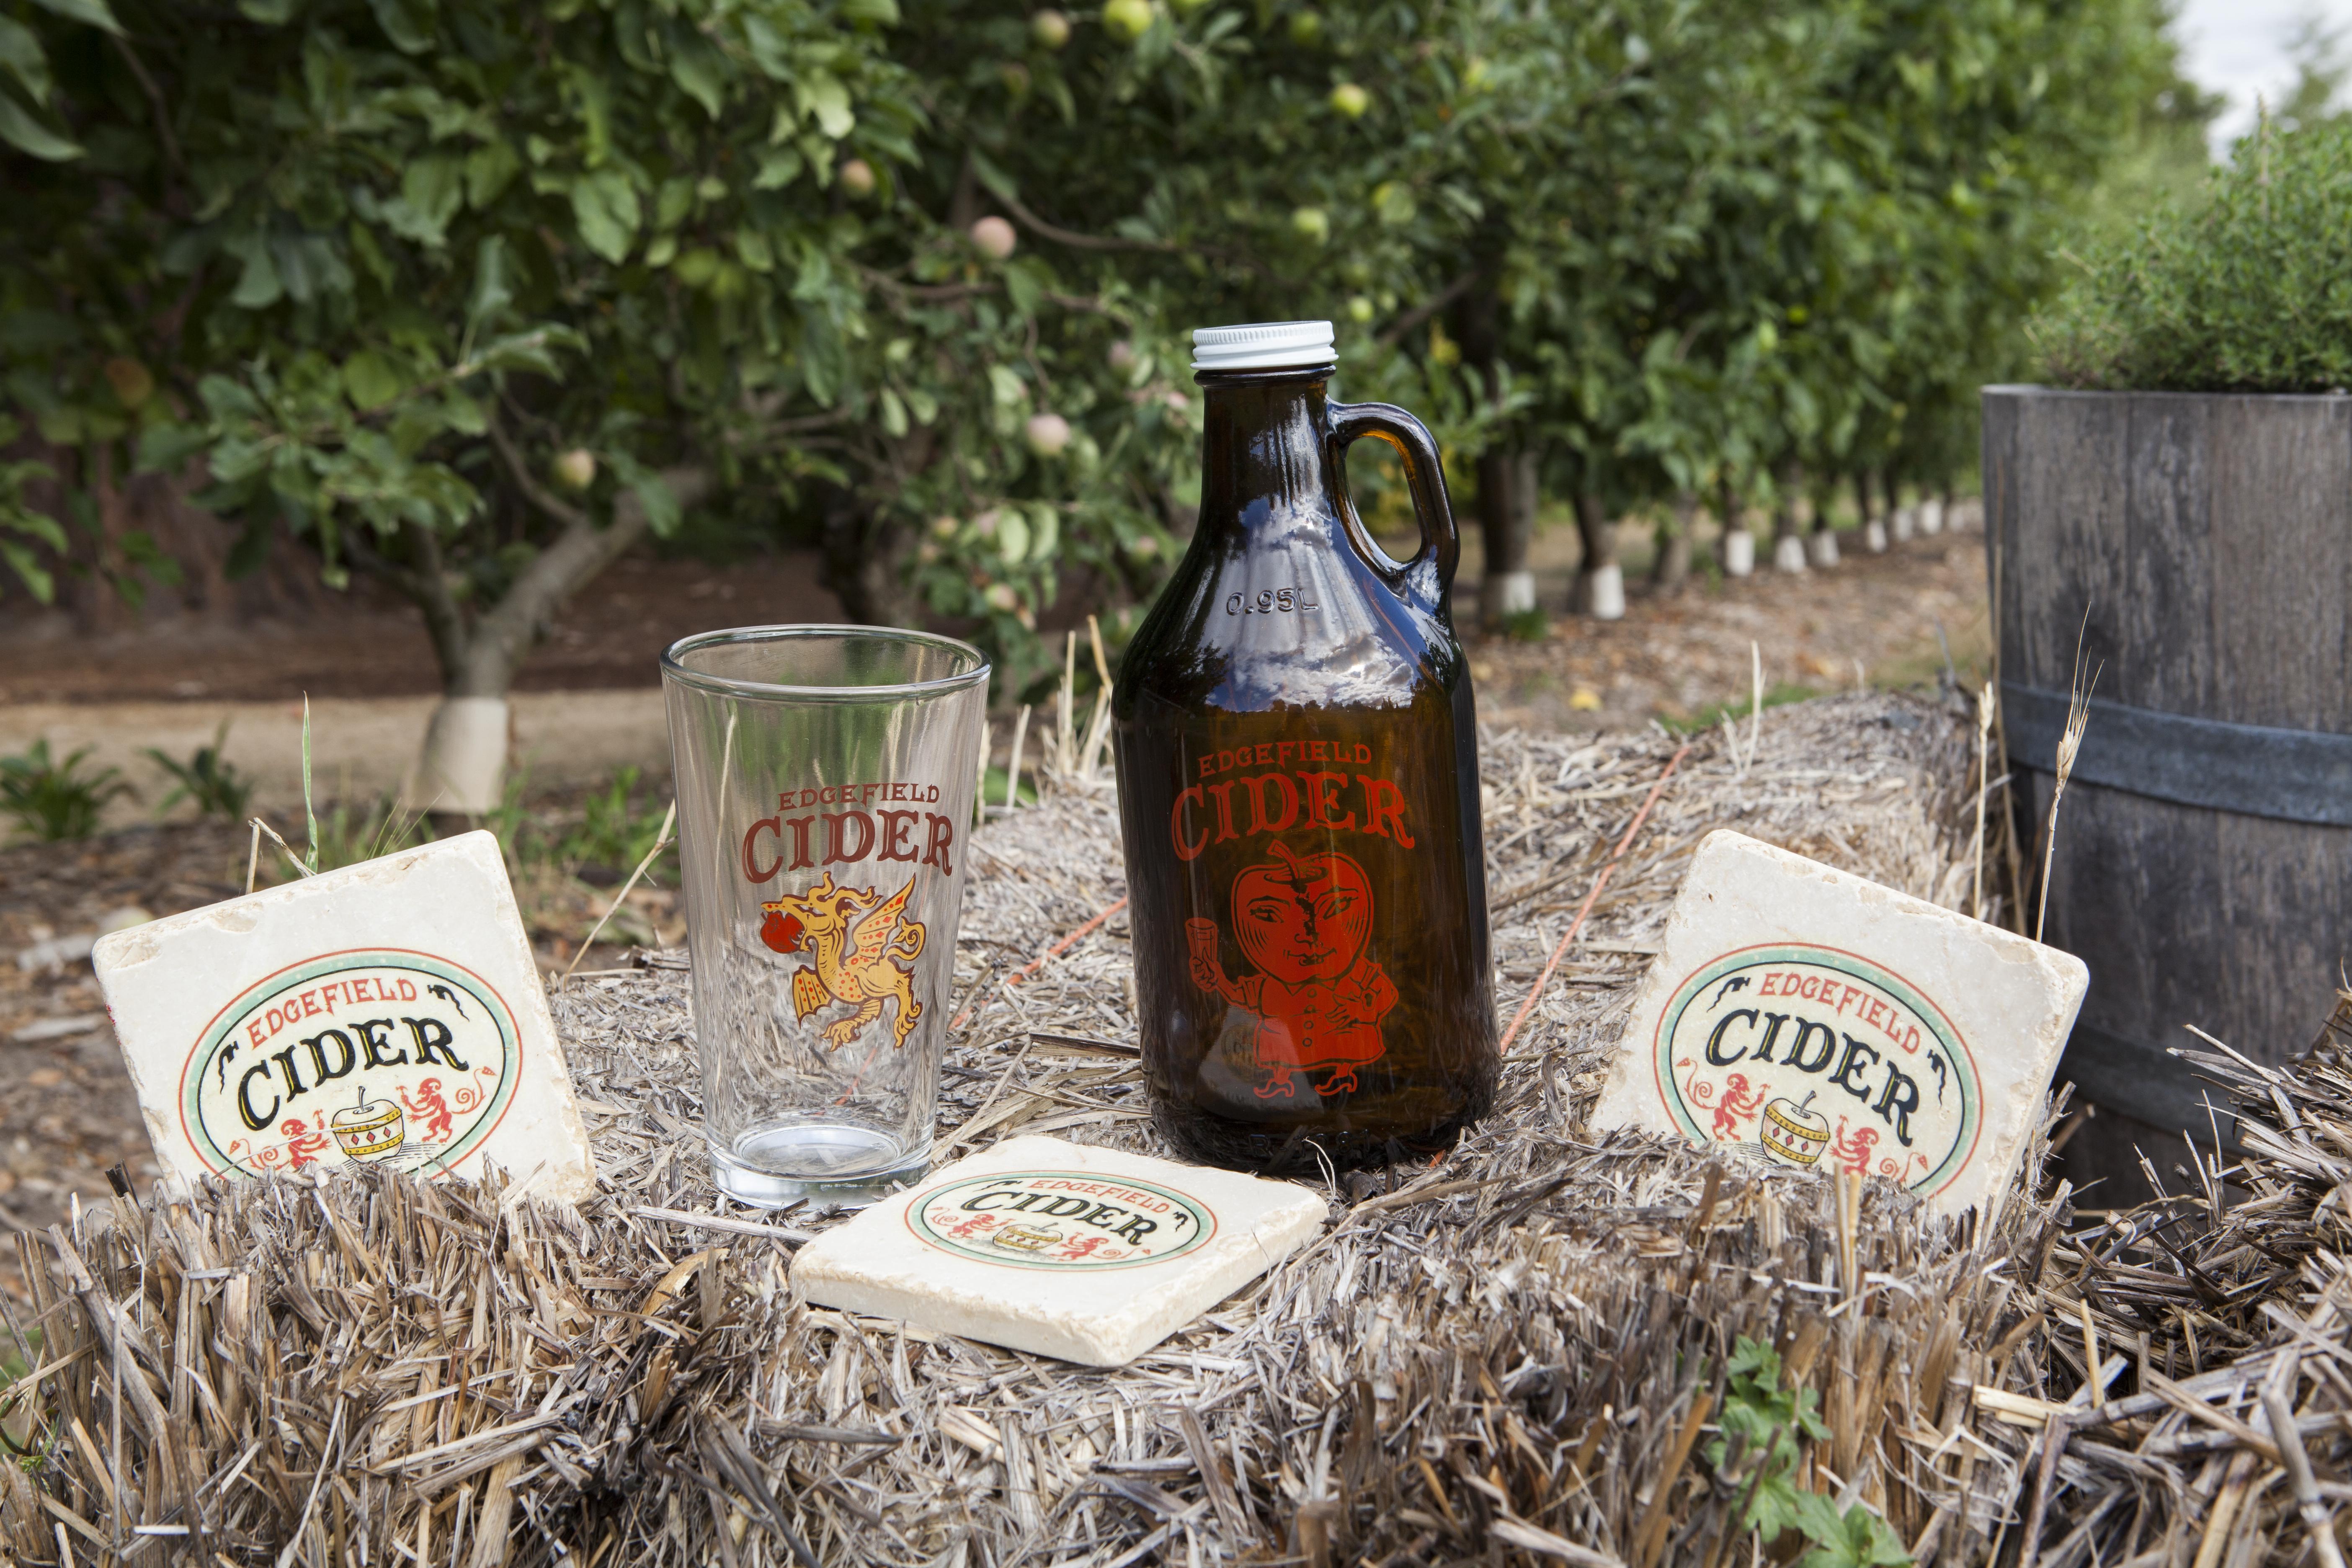 Edgefield Cider Merchandise